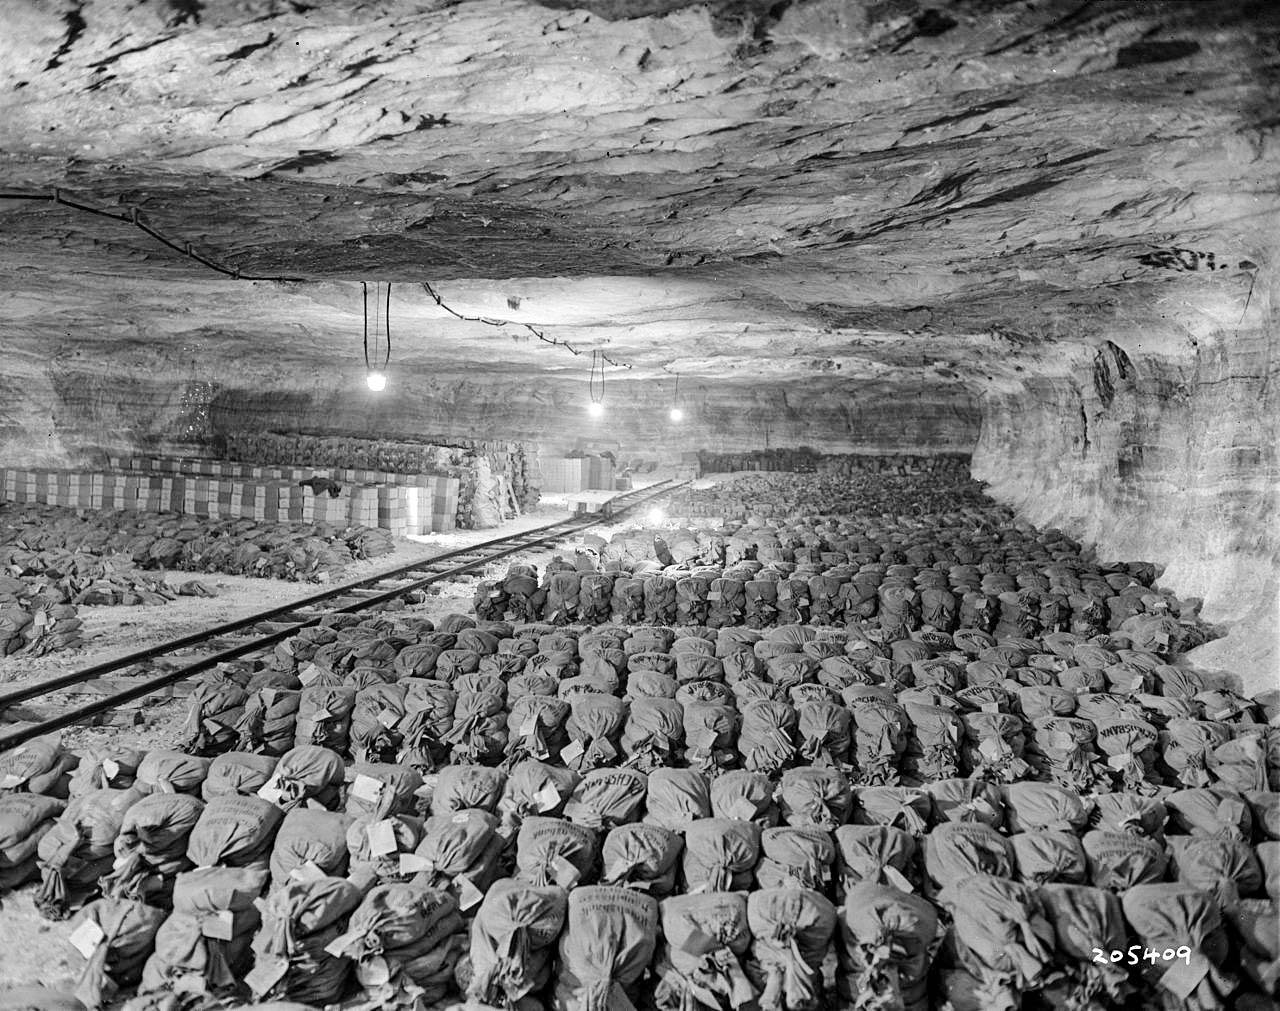 Immagine storica del bunker di Kaiseroda in cui era nascosto il gigantesco tesoro di Merkers.